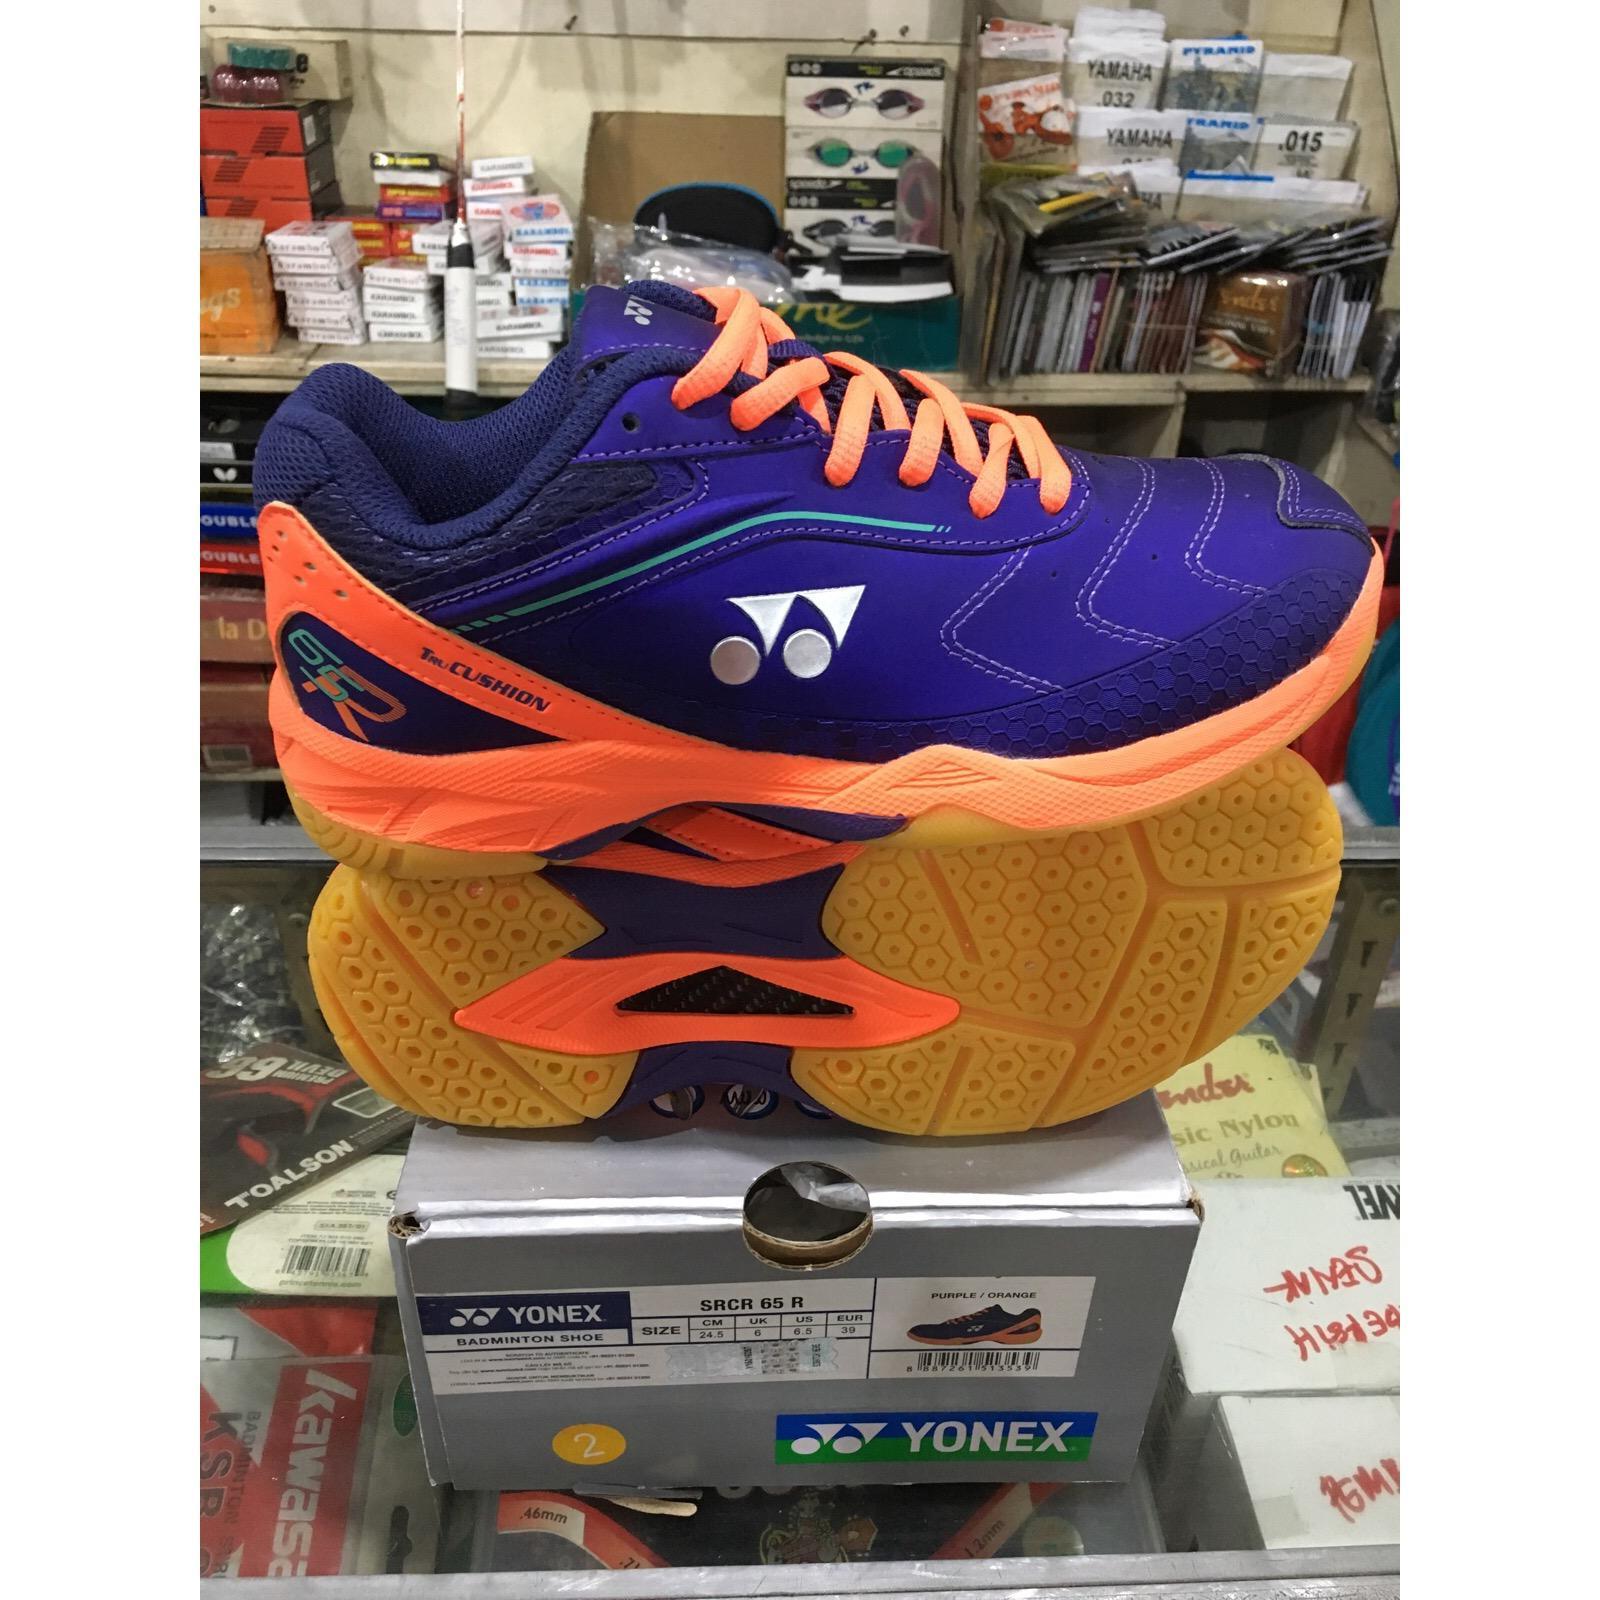 Yonex SRCR 65 R Sepatu Badminton (Purple/Orange)